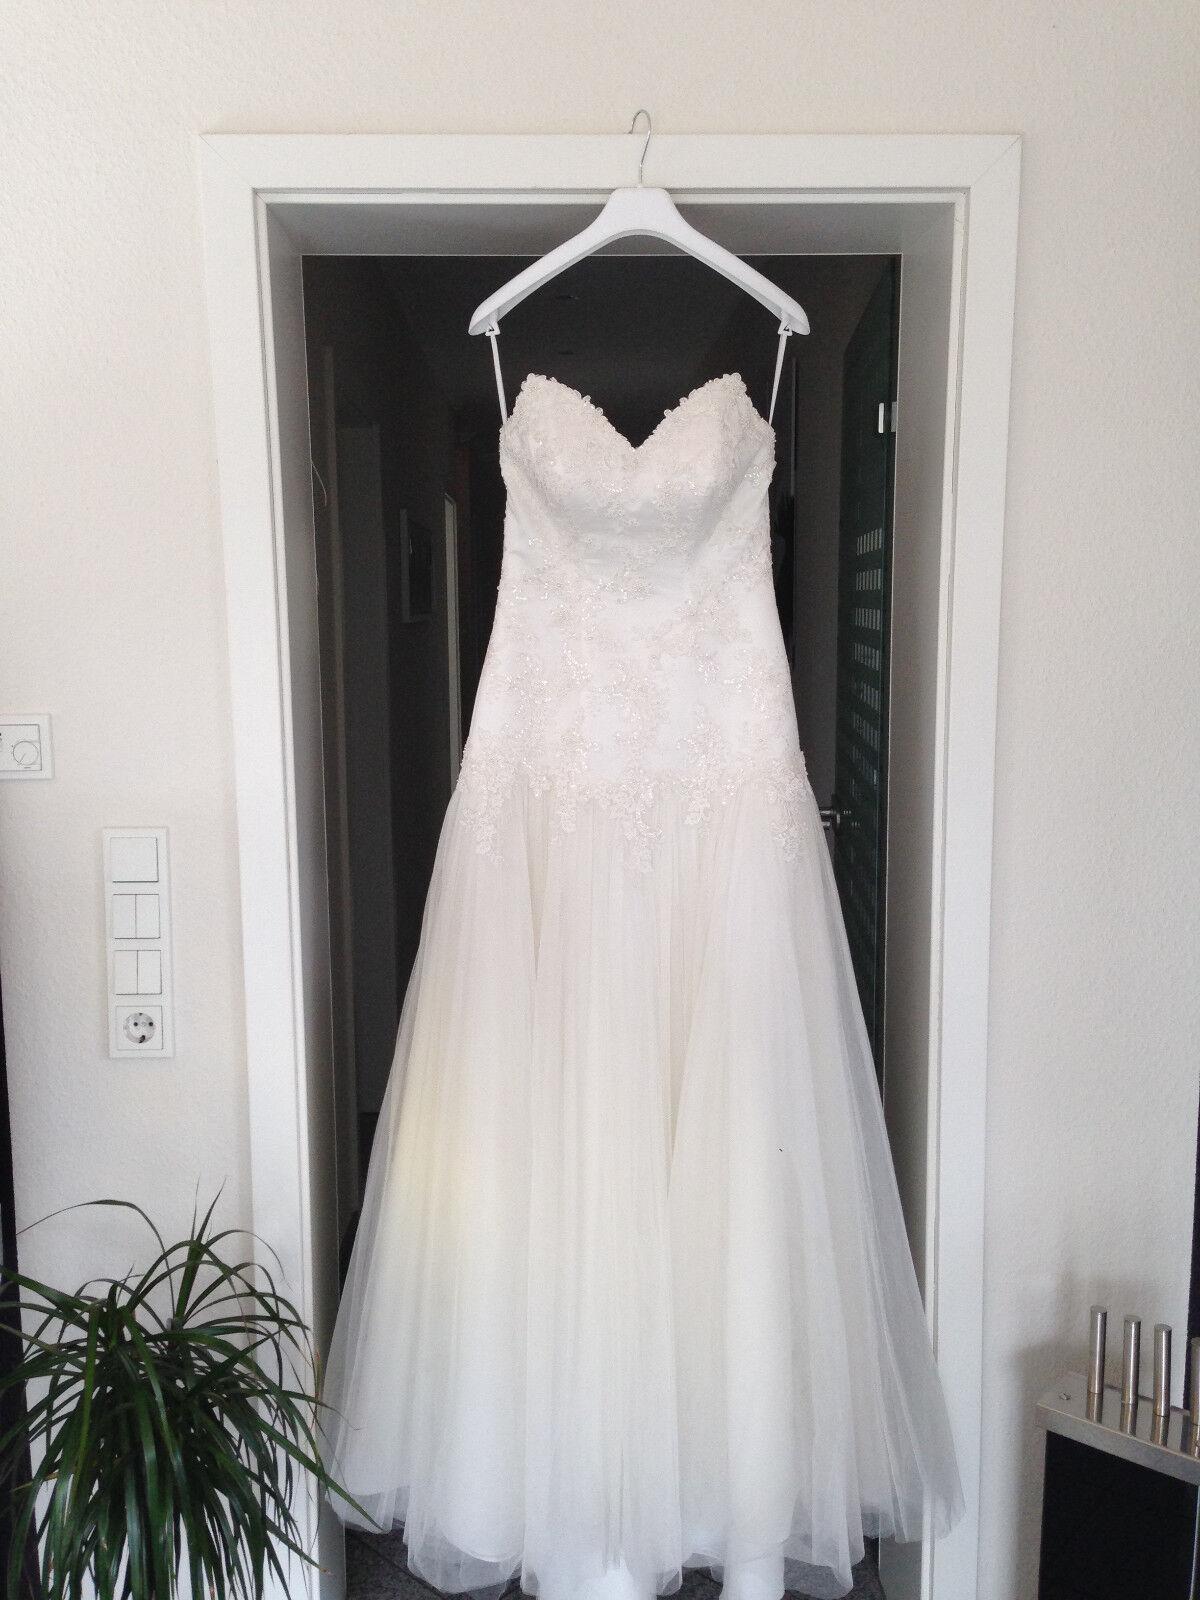 Wunderschönes Brautkleid   Hochzeitskleid Hochzeitskleid Hochzeitskleid NEU   Gr.38  | Erste Kunden Eine Vollständige Palette Von Spezifikationen  | Niedriger Preis  | Hervorragende Eigenschaften  a91d23